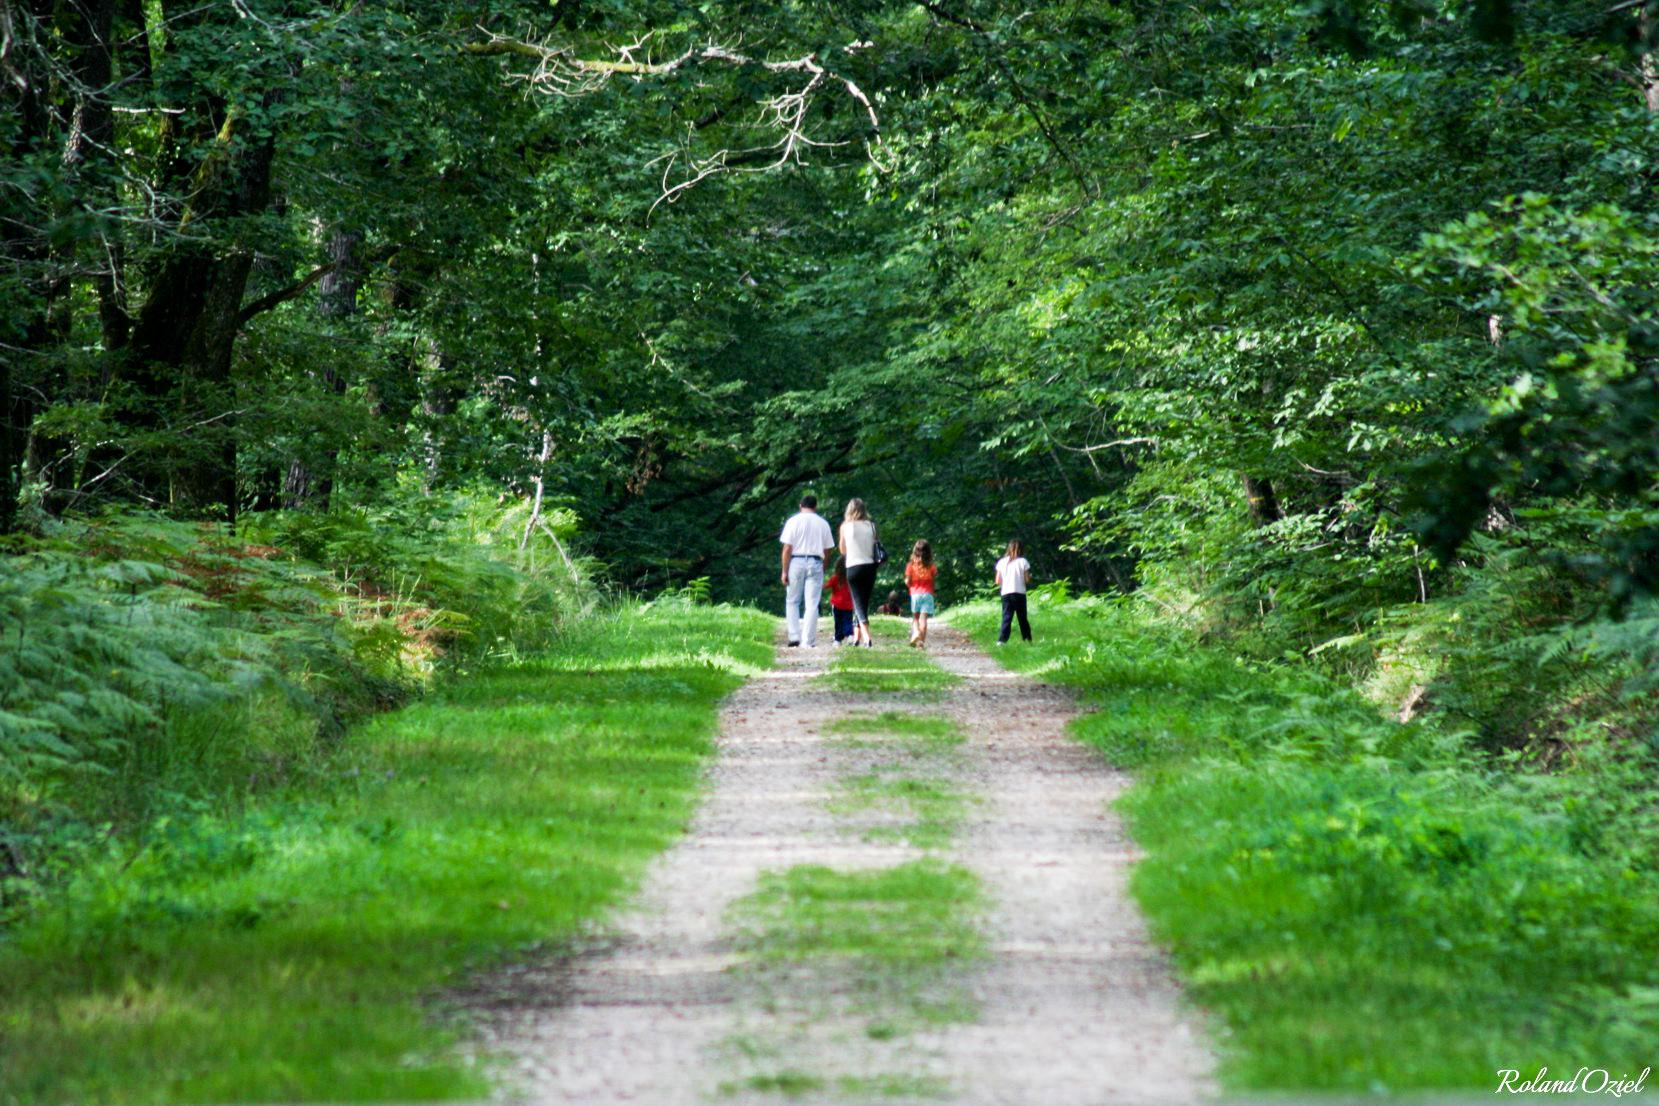 Randonnée dans la forêt de Mervent